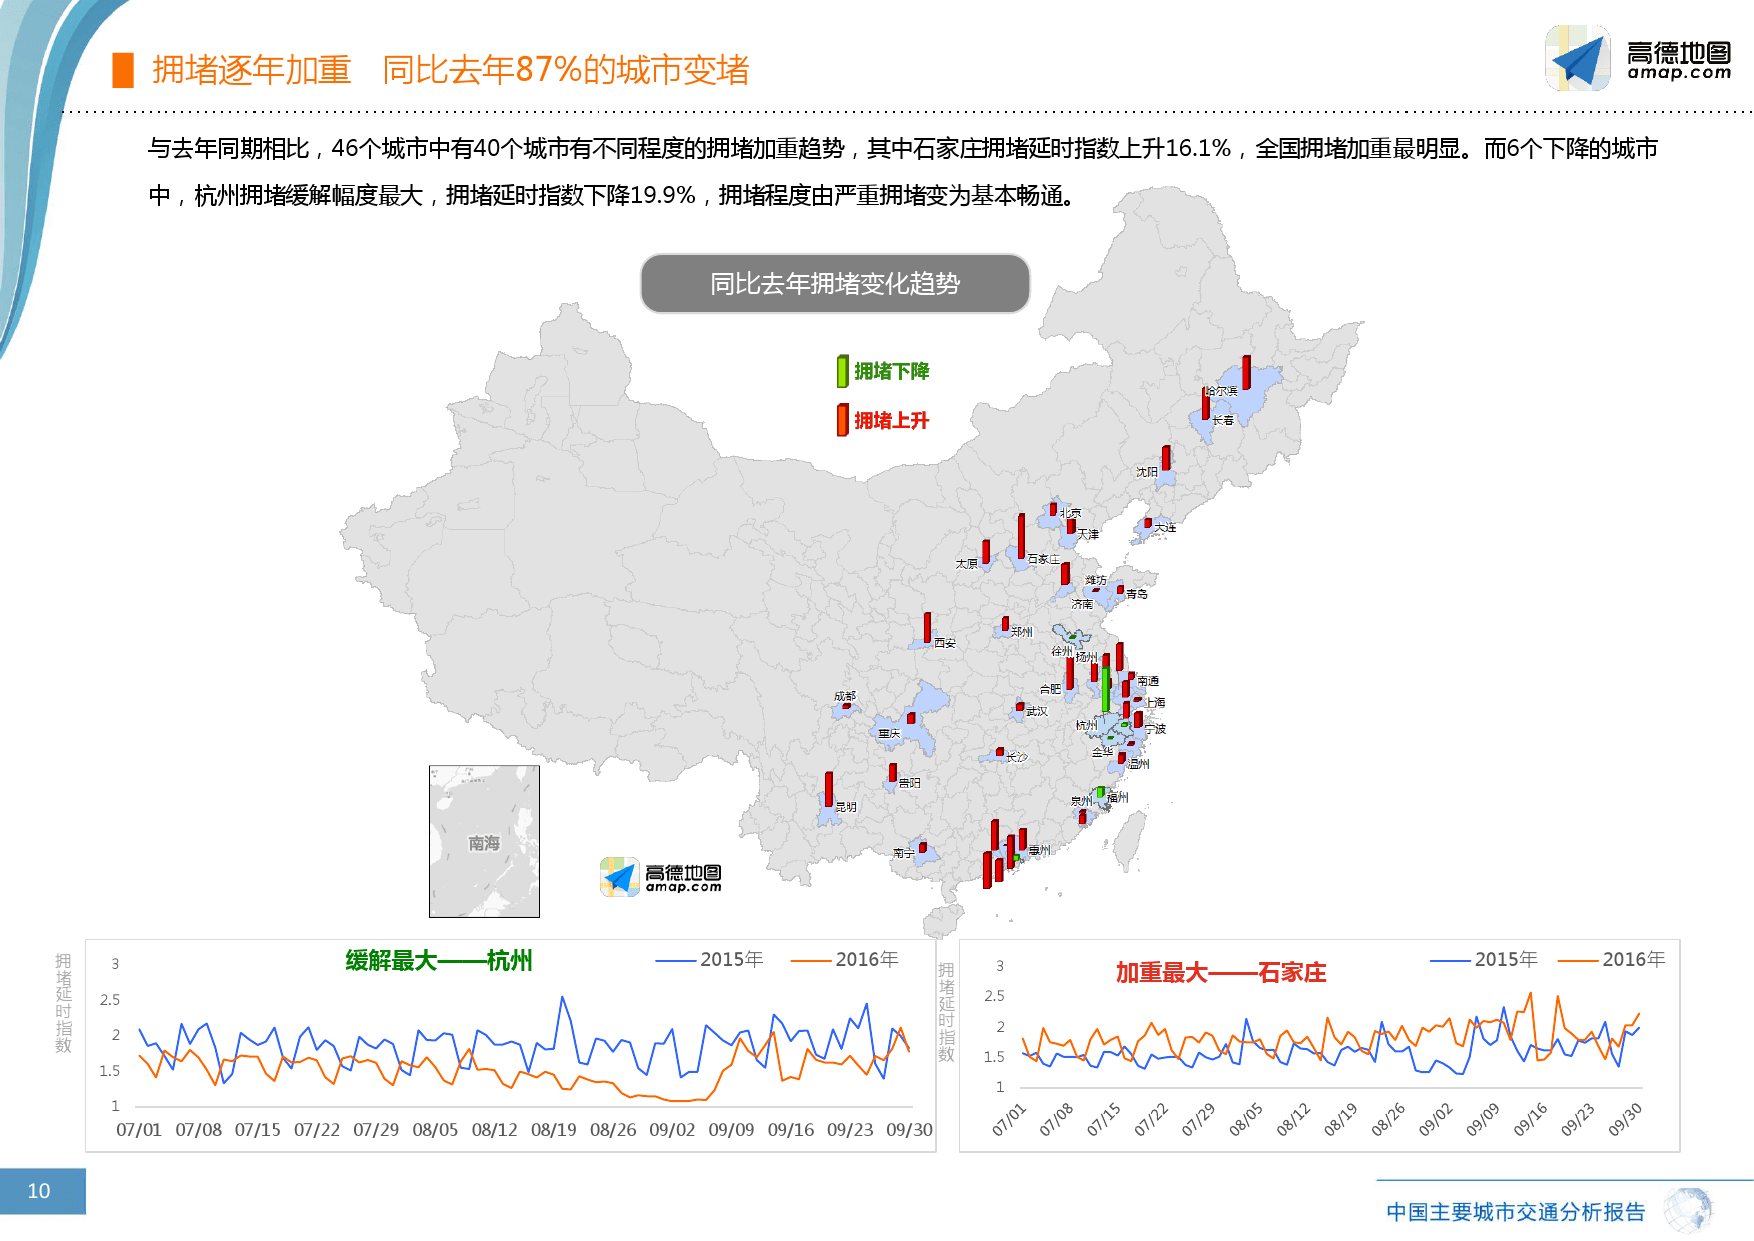 高德地图:2016年q3中国主要城市交通分析报告